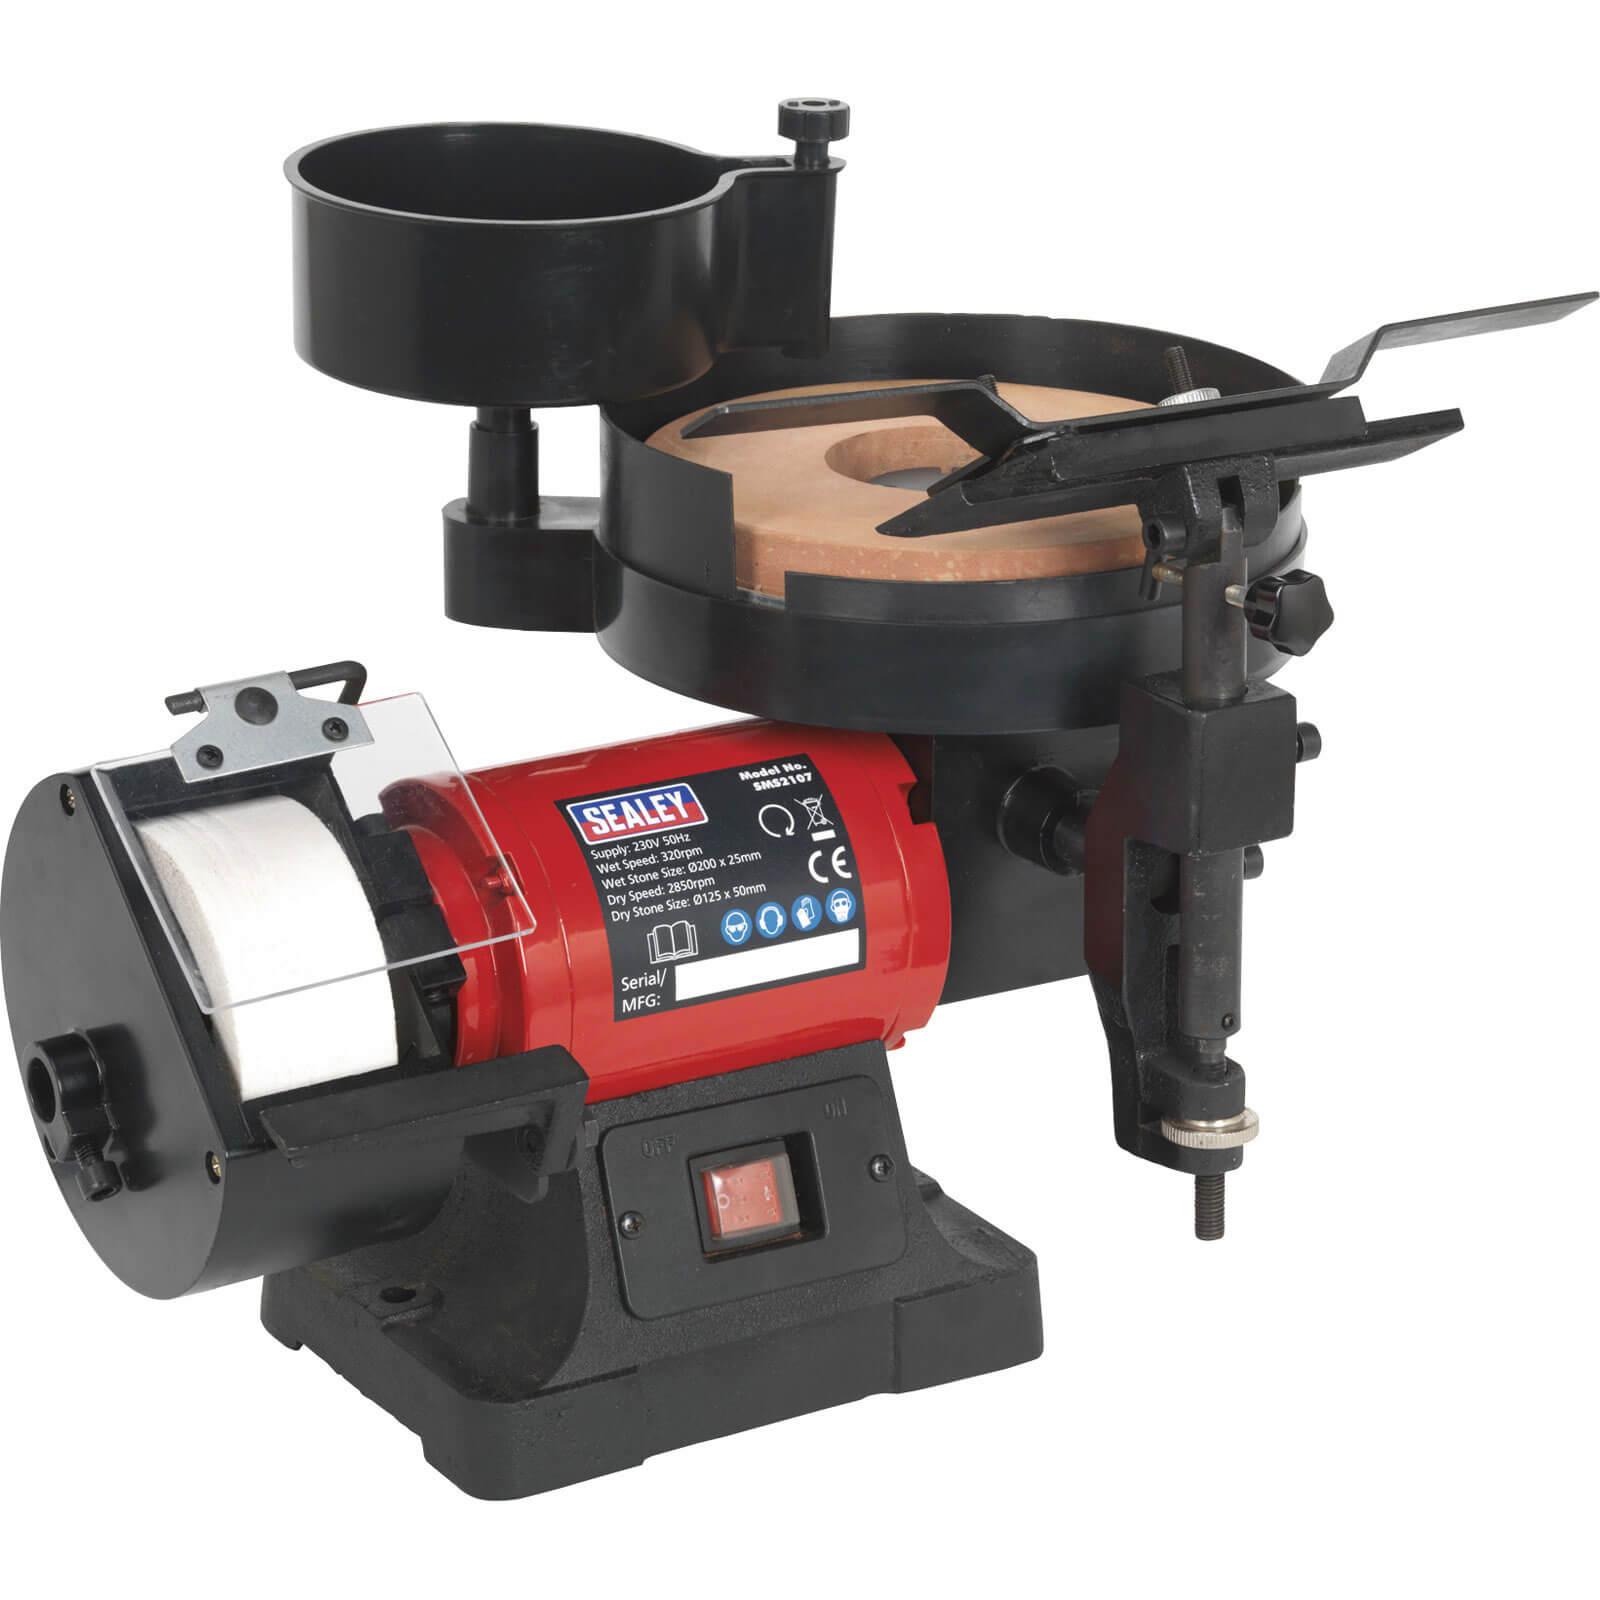 Sealey Sms2107 Wet Amp Dry Bench Grinder Amp Sharpener